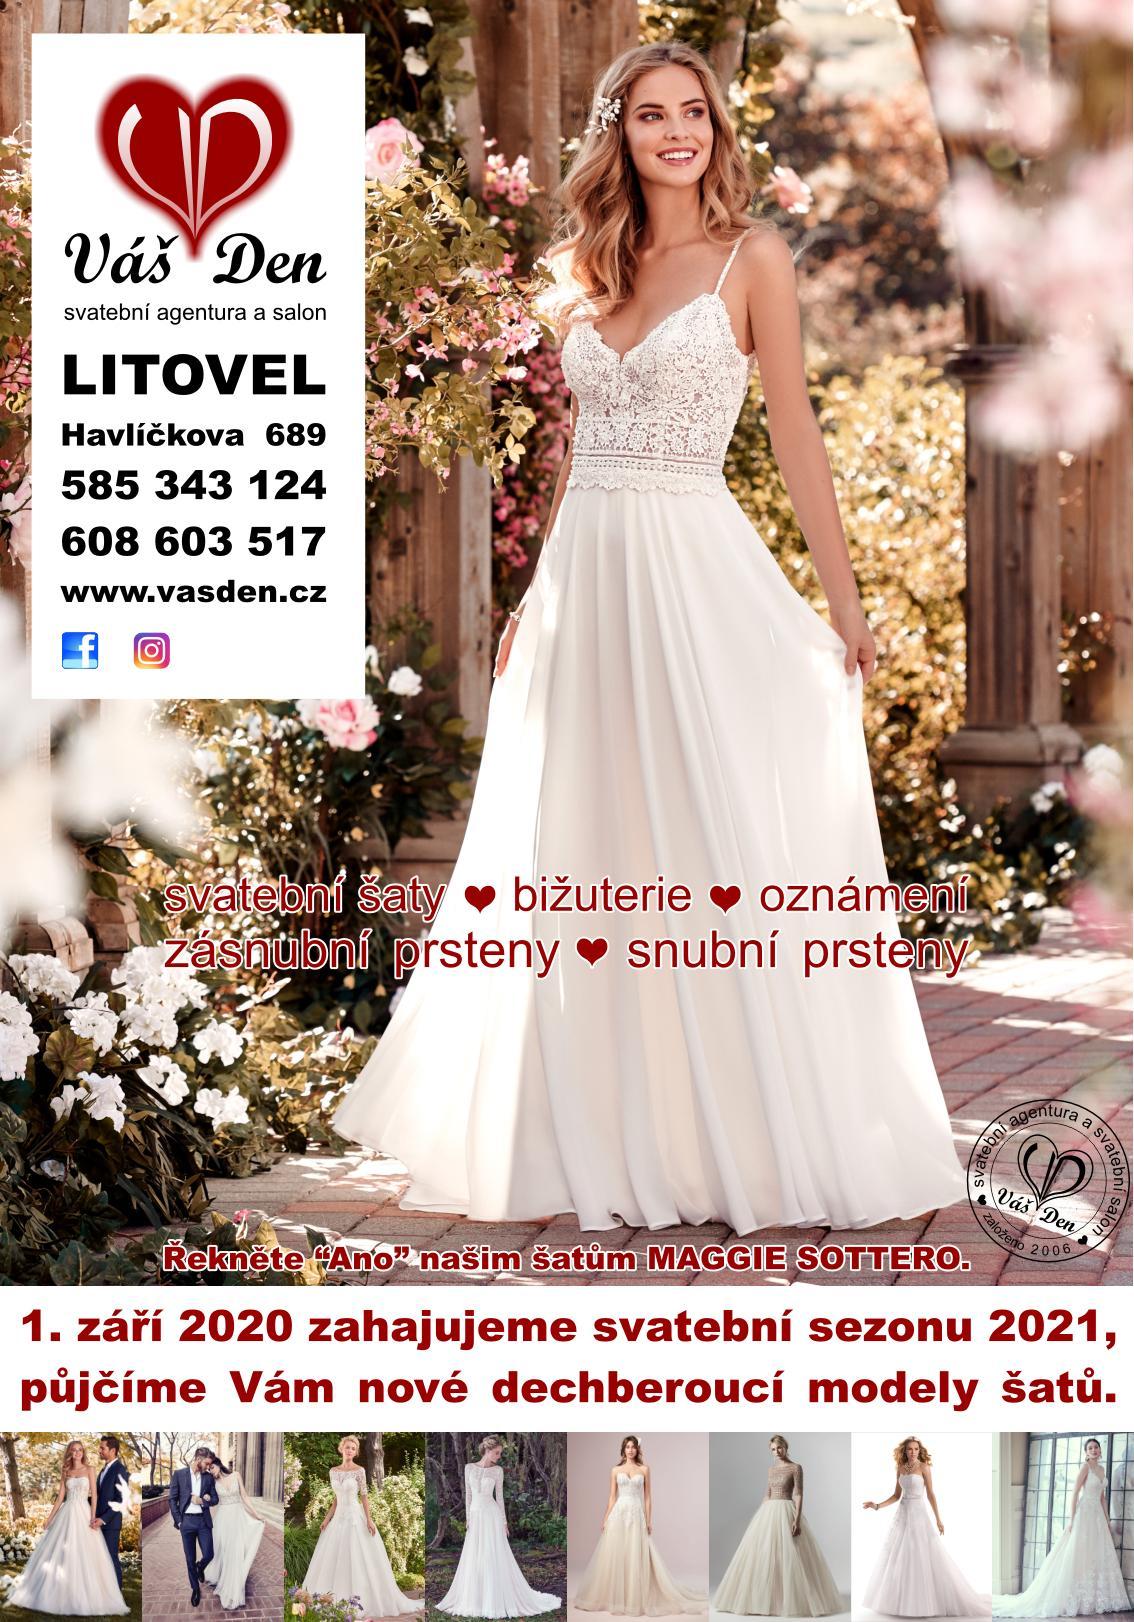 Nová svatební sezona 2021 - Obrázek č. 1